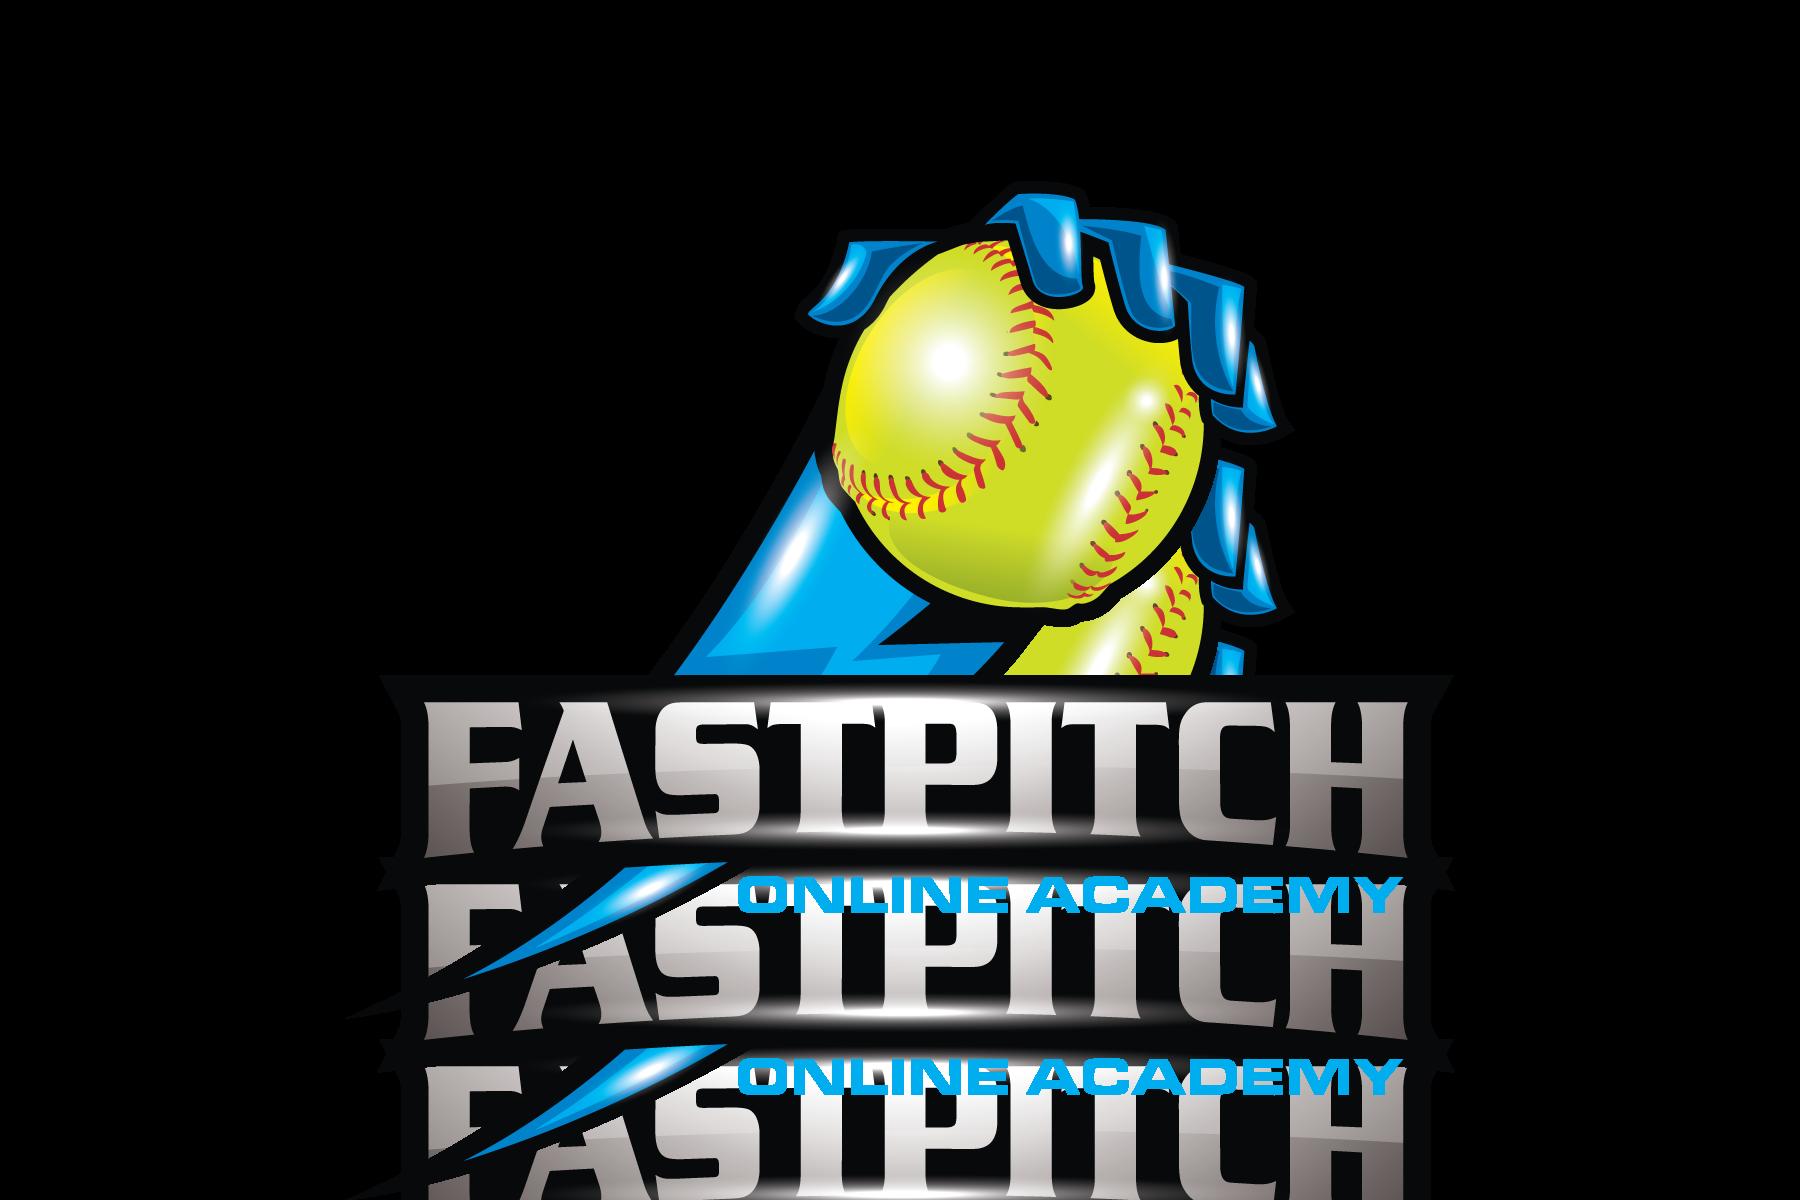 Fastpitch Online Academy